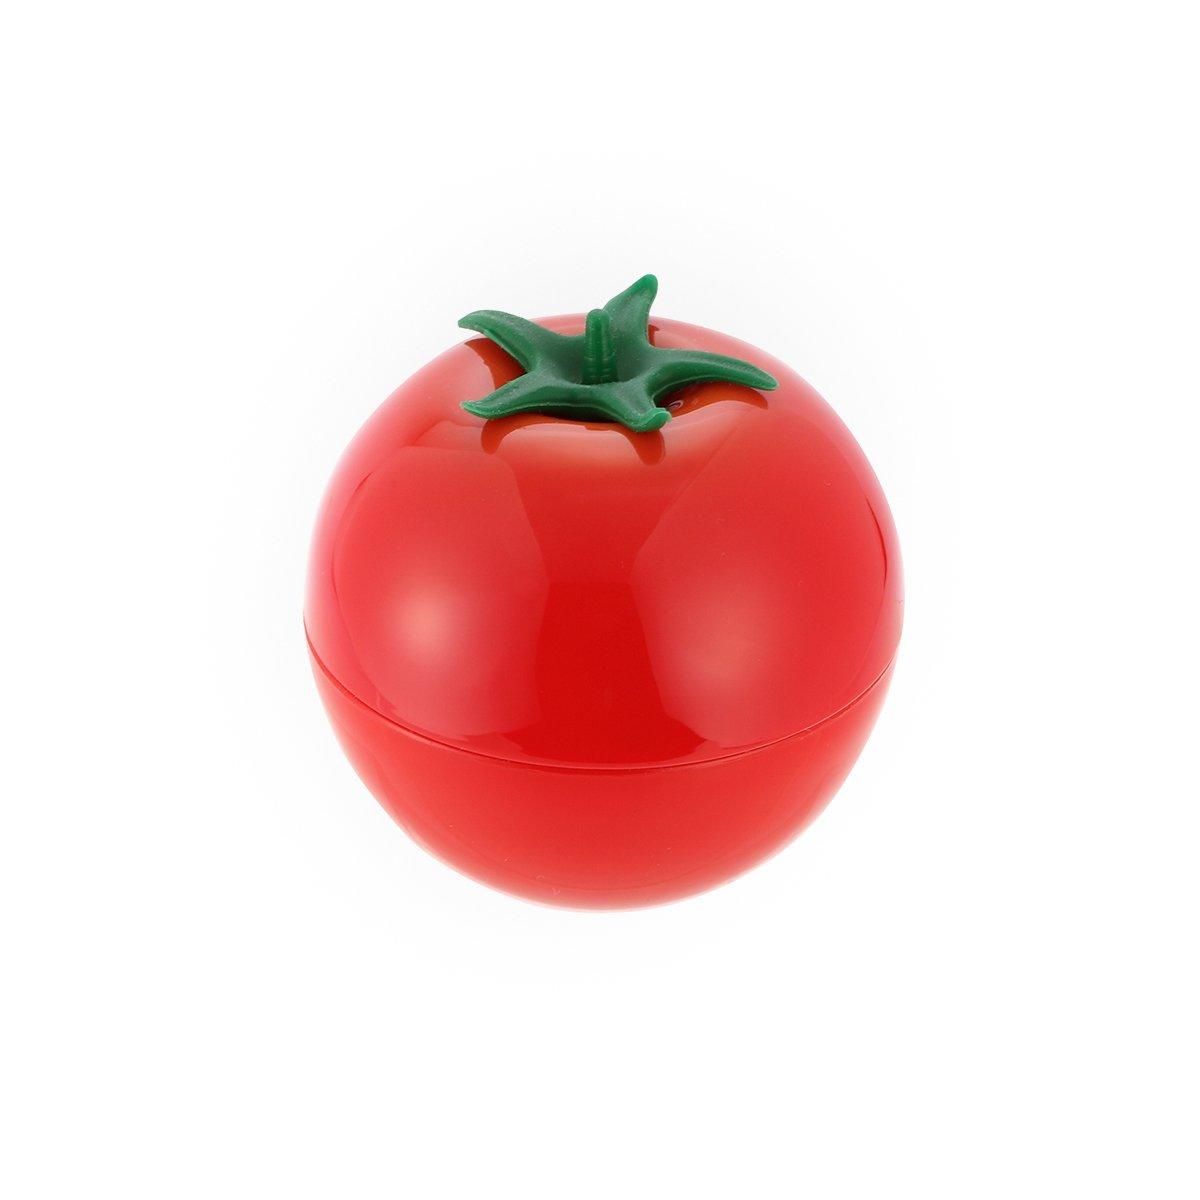 TONYMOLY Mini Cherry Tomato Lip Balm